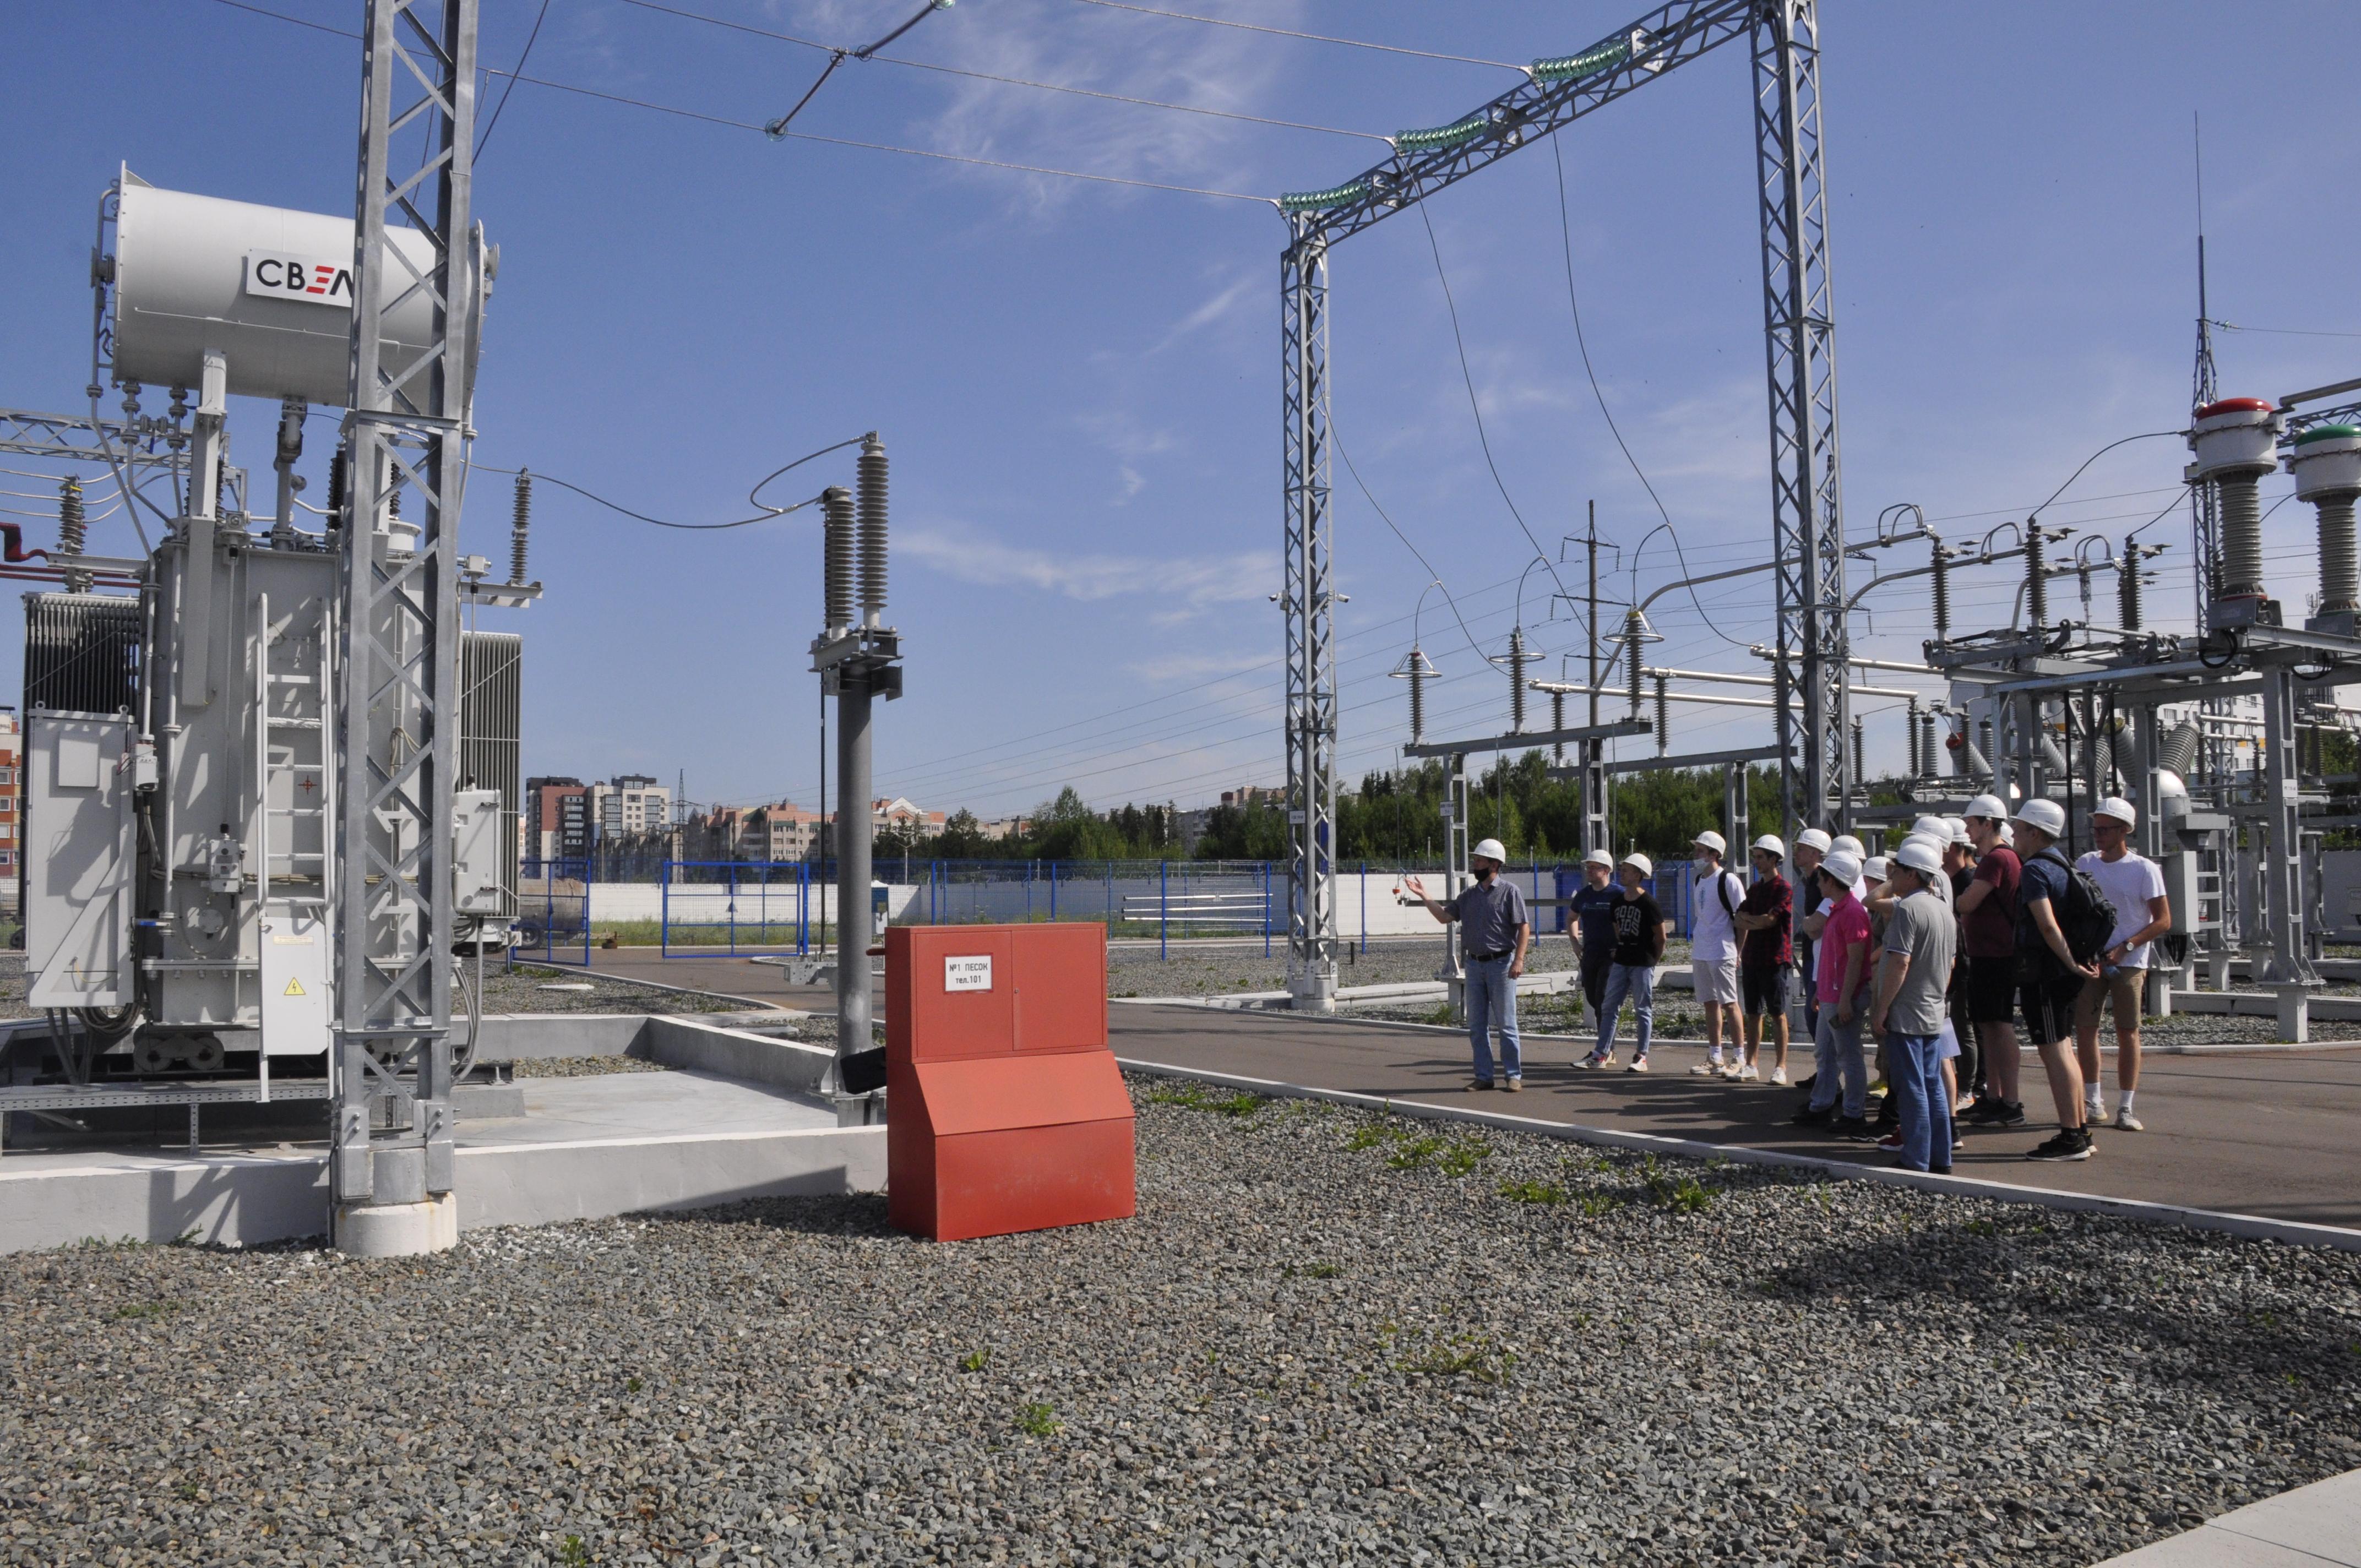 Студенты электротехнического факультета ВятГУ познакомились с объектами «Россети Центр и Приволжье Кировэнерго»